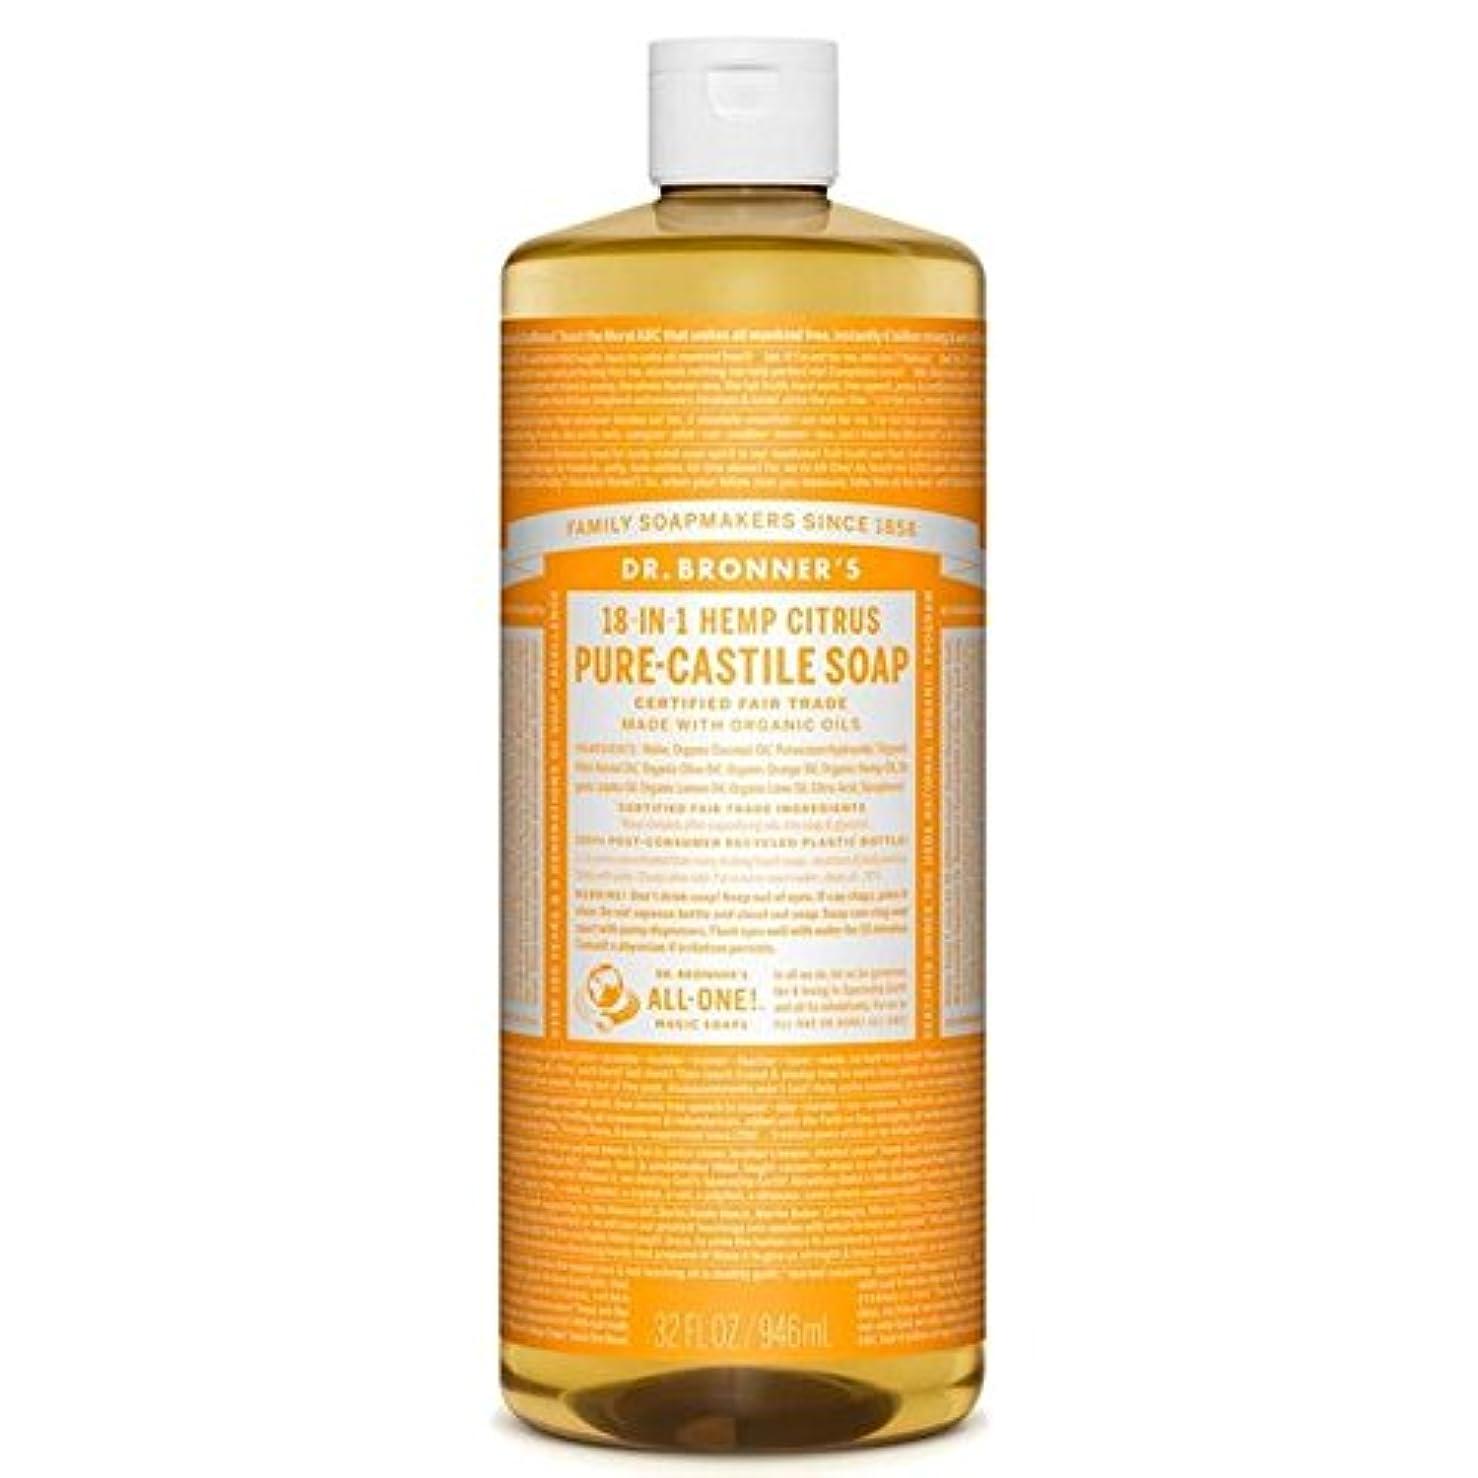 ゾーンなしで提供するのブロナーオーガニックシトラスカスティーリャ液体石鹸946ミリリットル x4 - Dr Bronner Organic Citrus Castile Liquid Soap 946ml (Pack of 4) [並行輸入品]